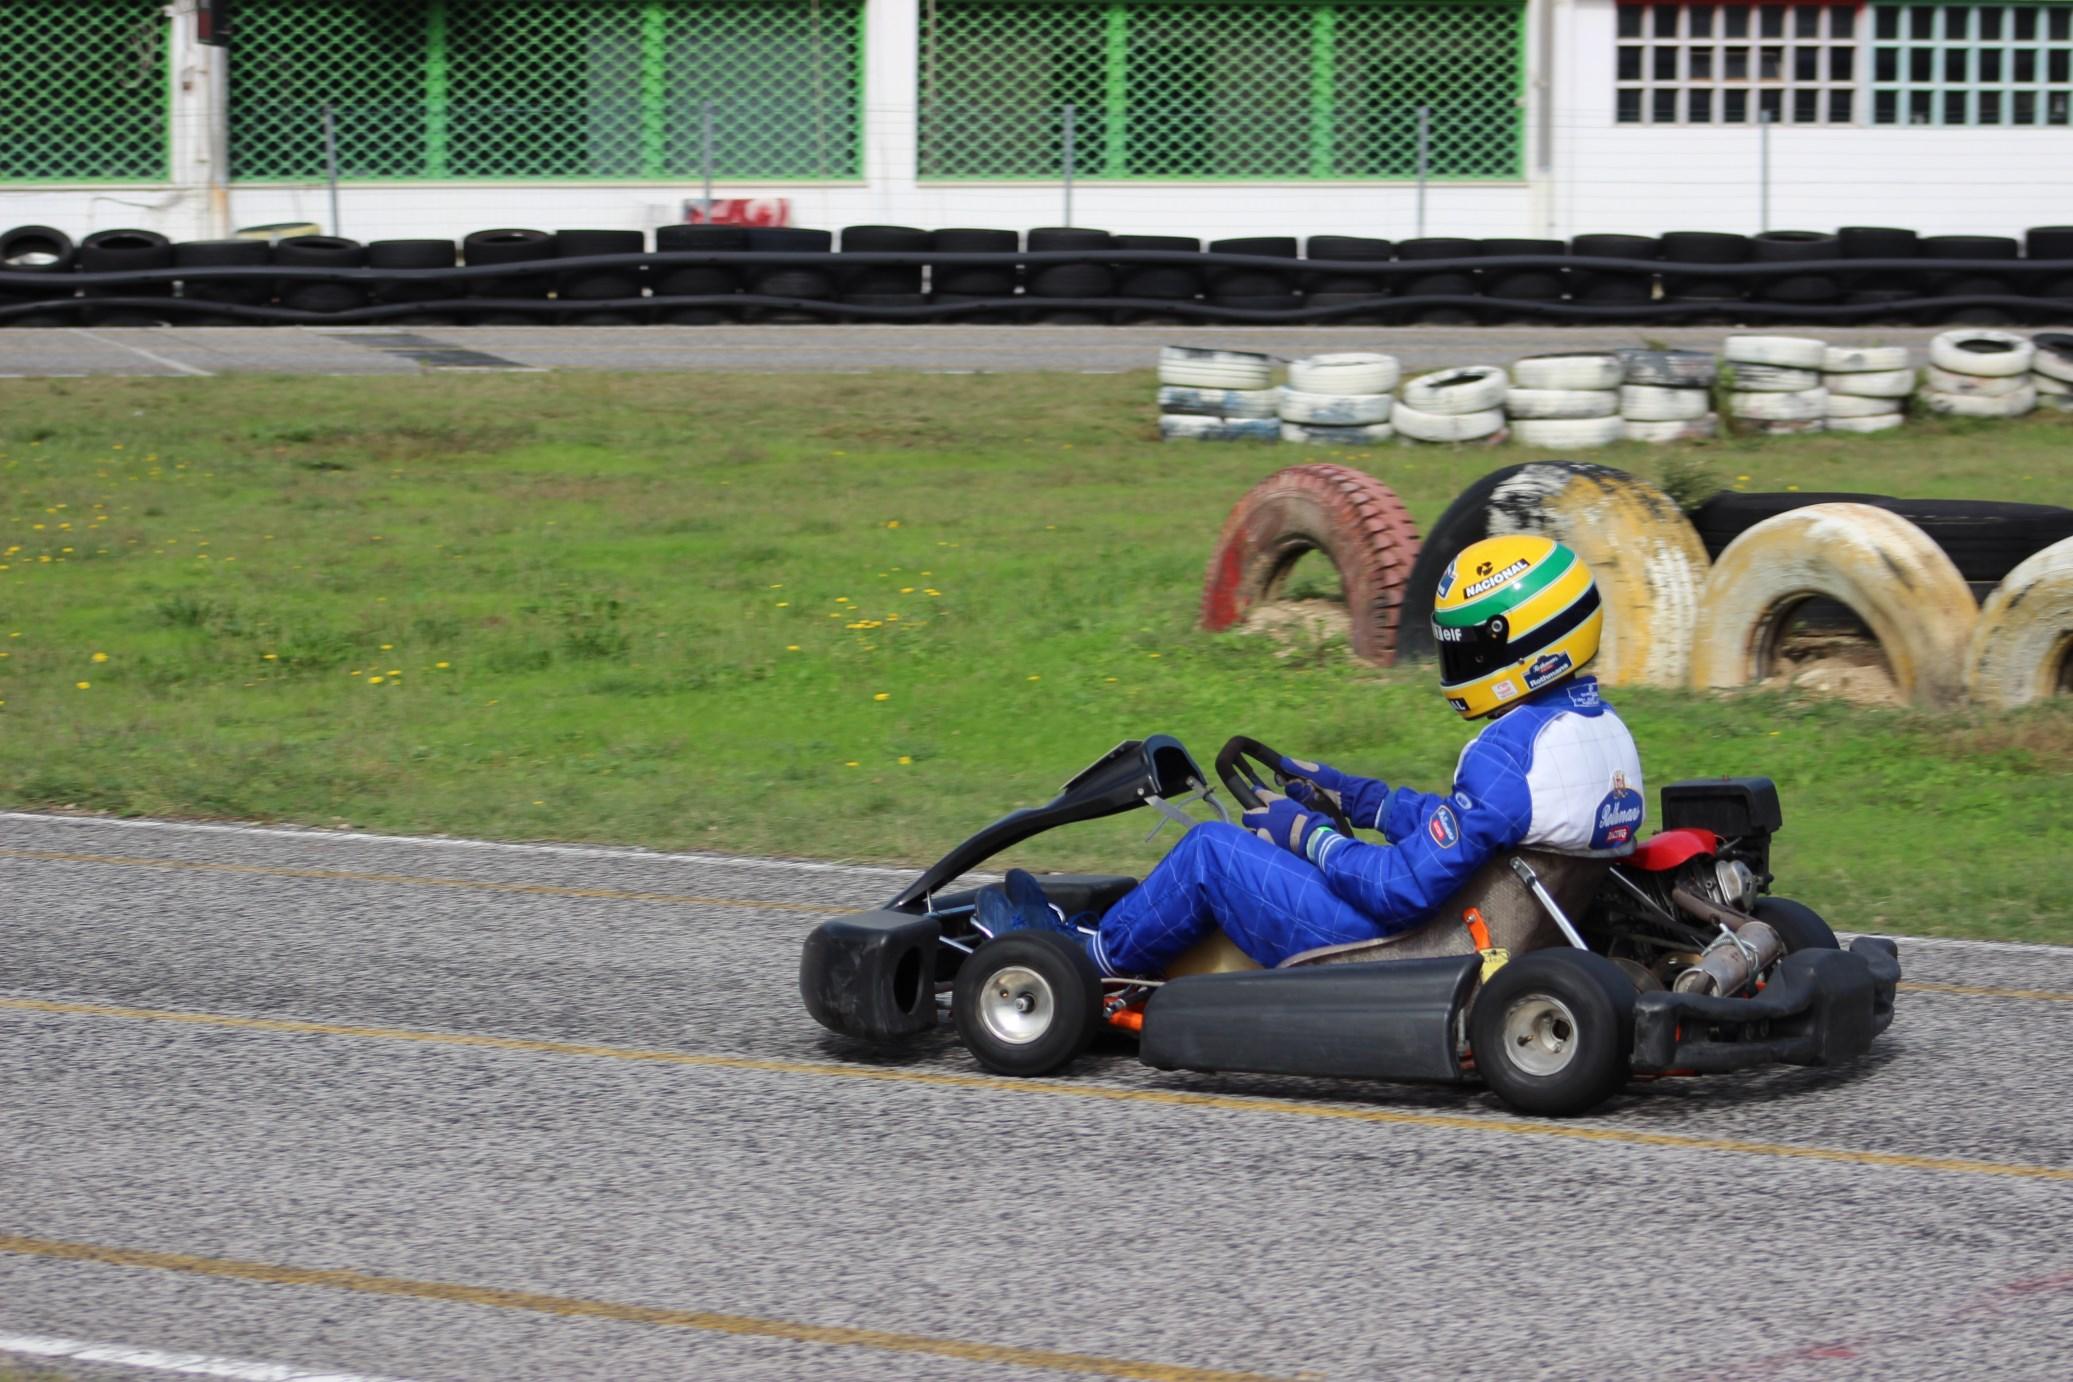 Troféu Honda 2014 - 4ª Prova189